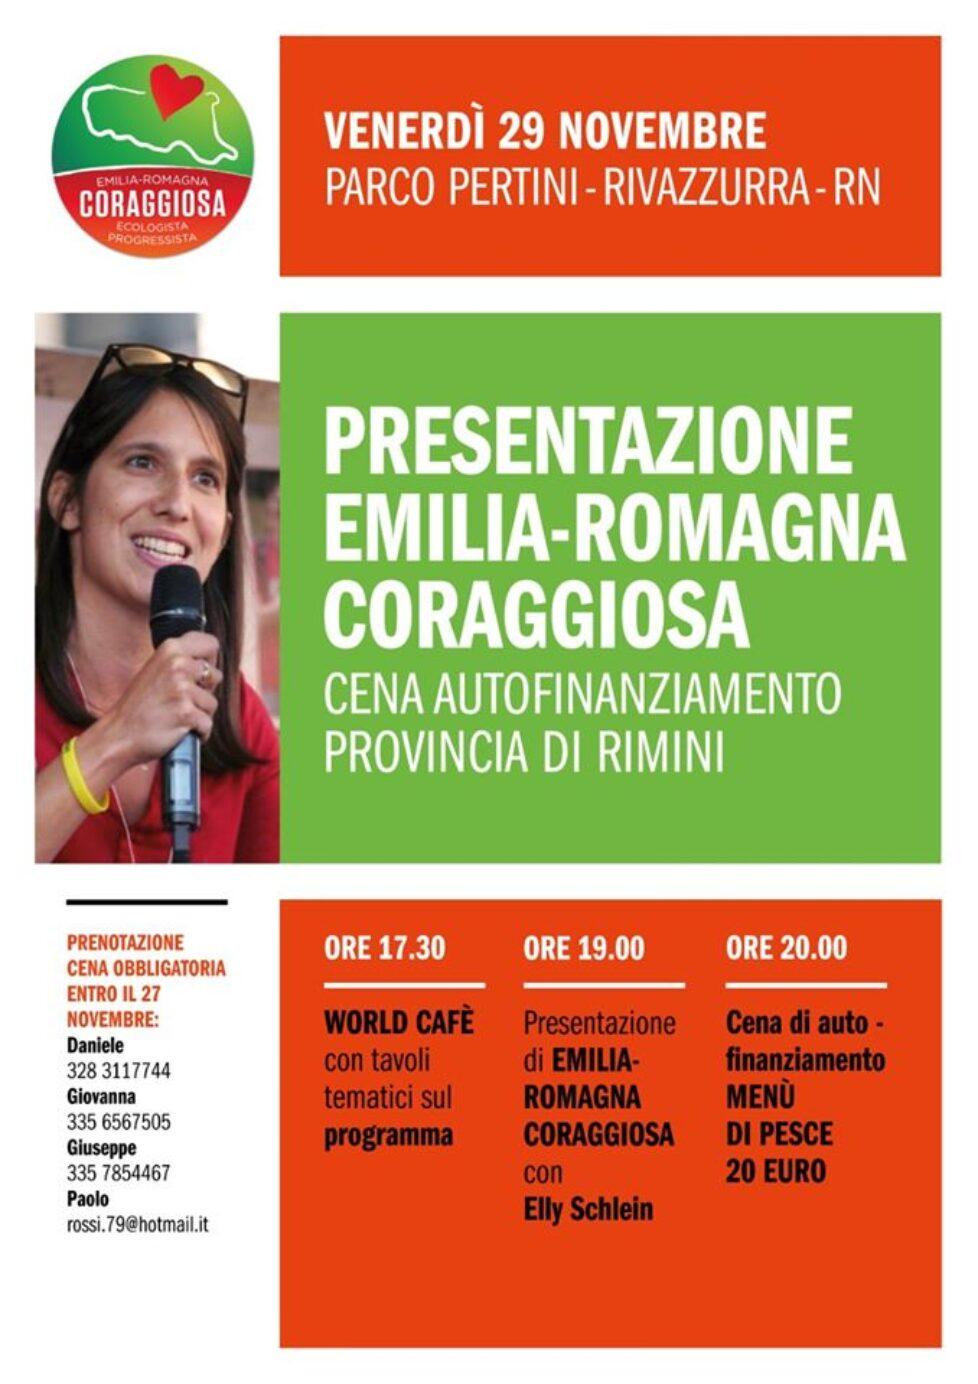 Cena e Presentazione Emilia-Romagna Coraggiosa